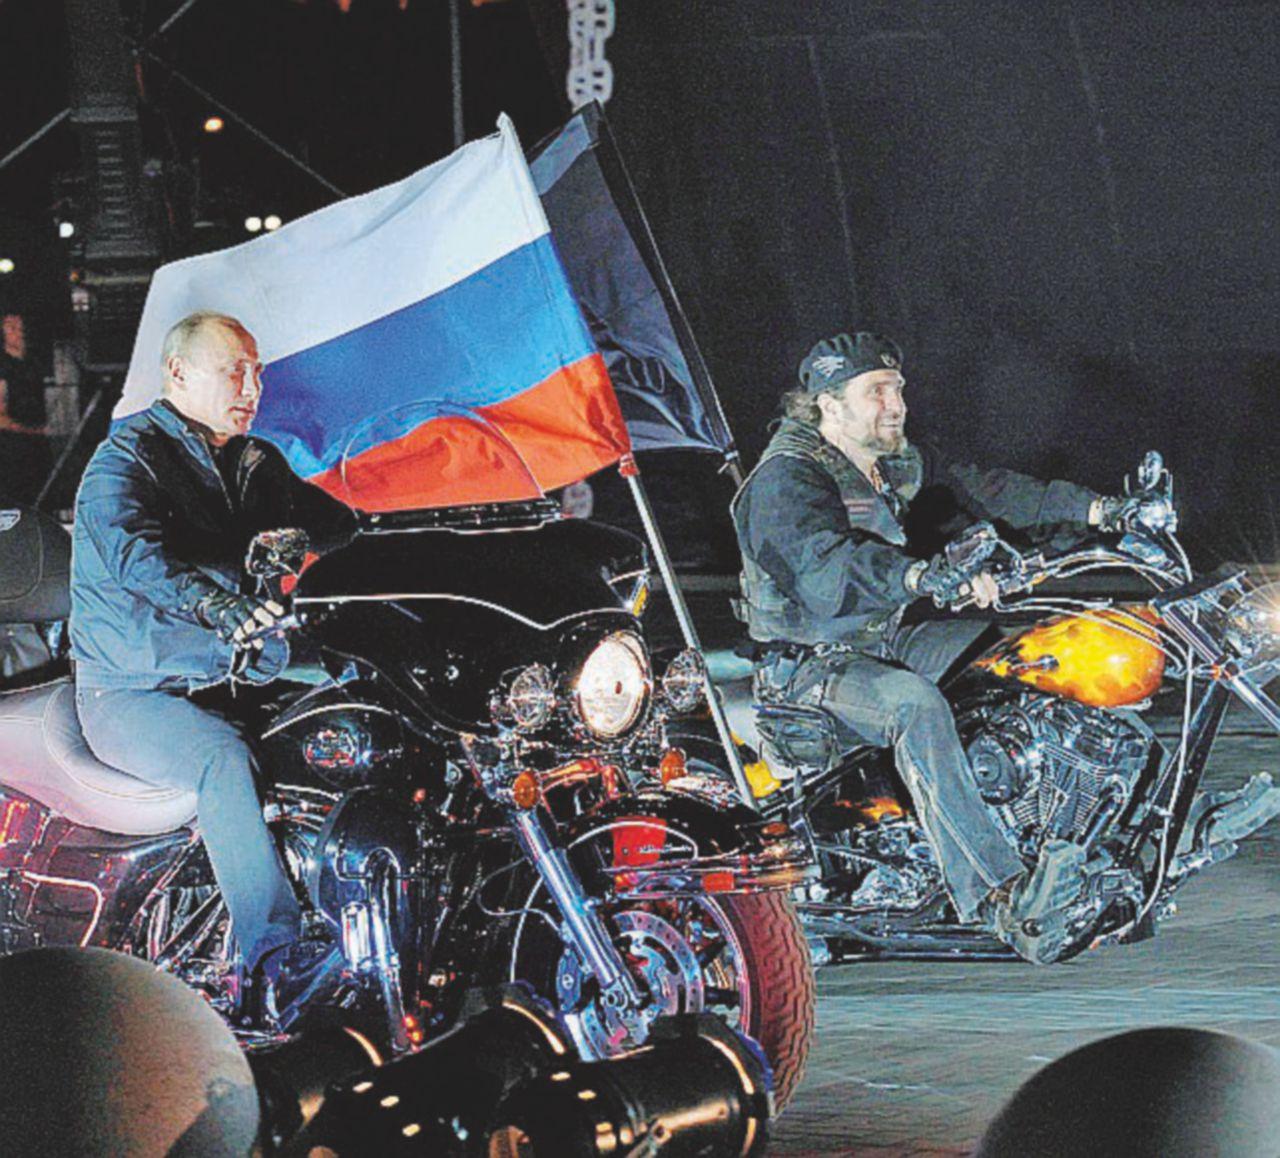 Altro che Spetsnaz, il Cremlino manda  i bikers